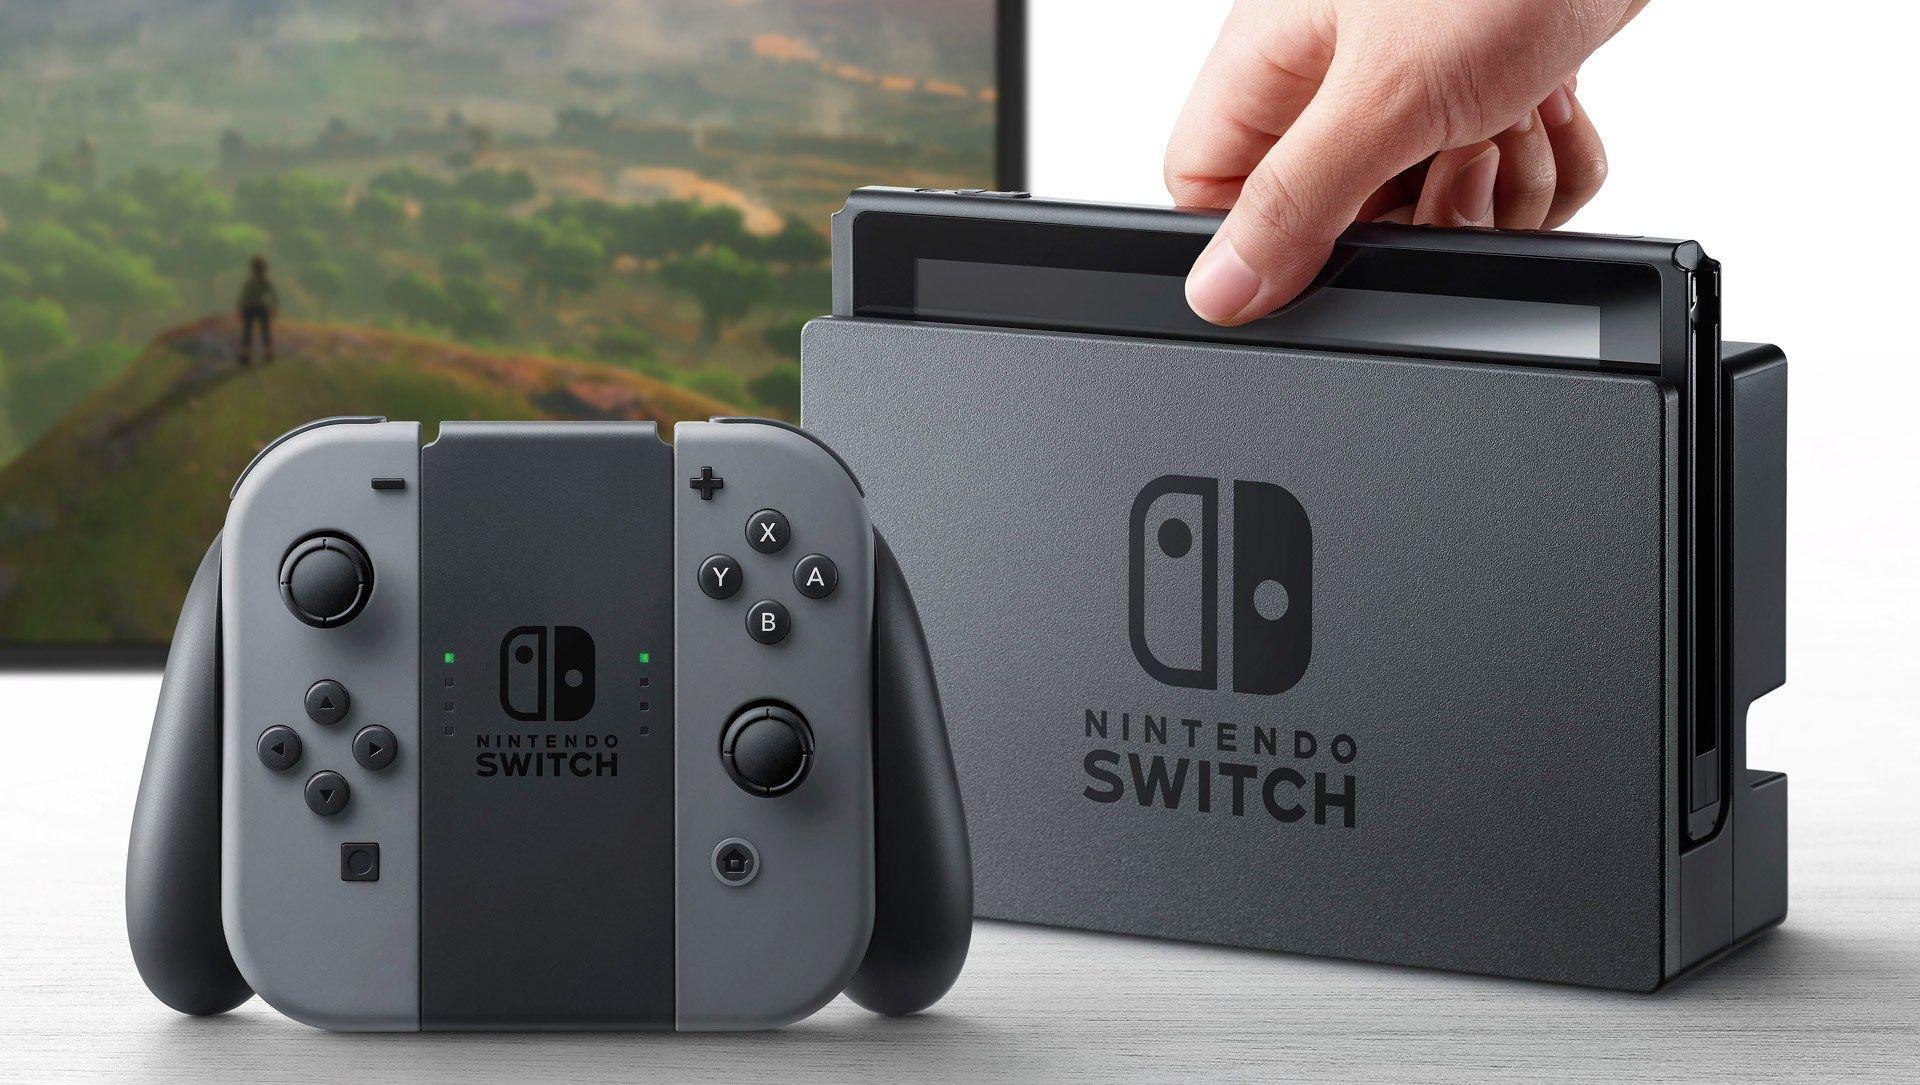 [Rumor] Potência do Nintendo Switch foi revelada - http://www.showmetech.com.br/potencia-nintendo-switch-revelada/